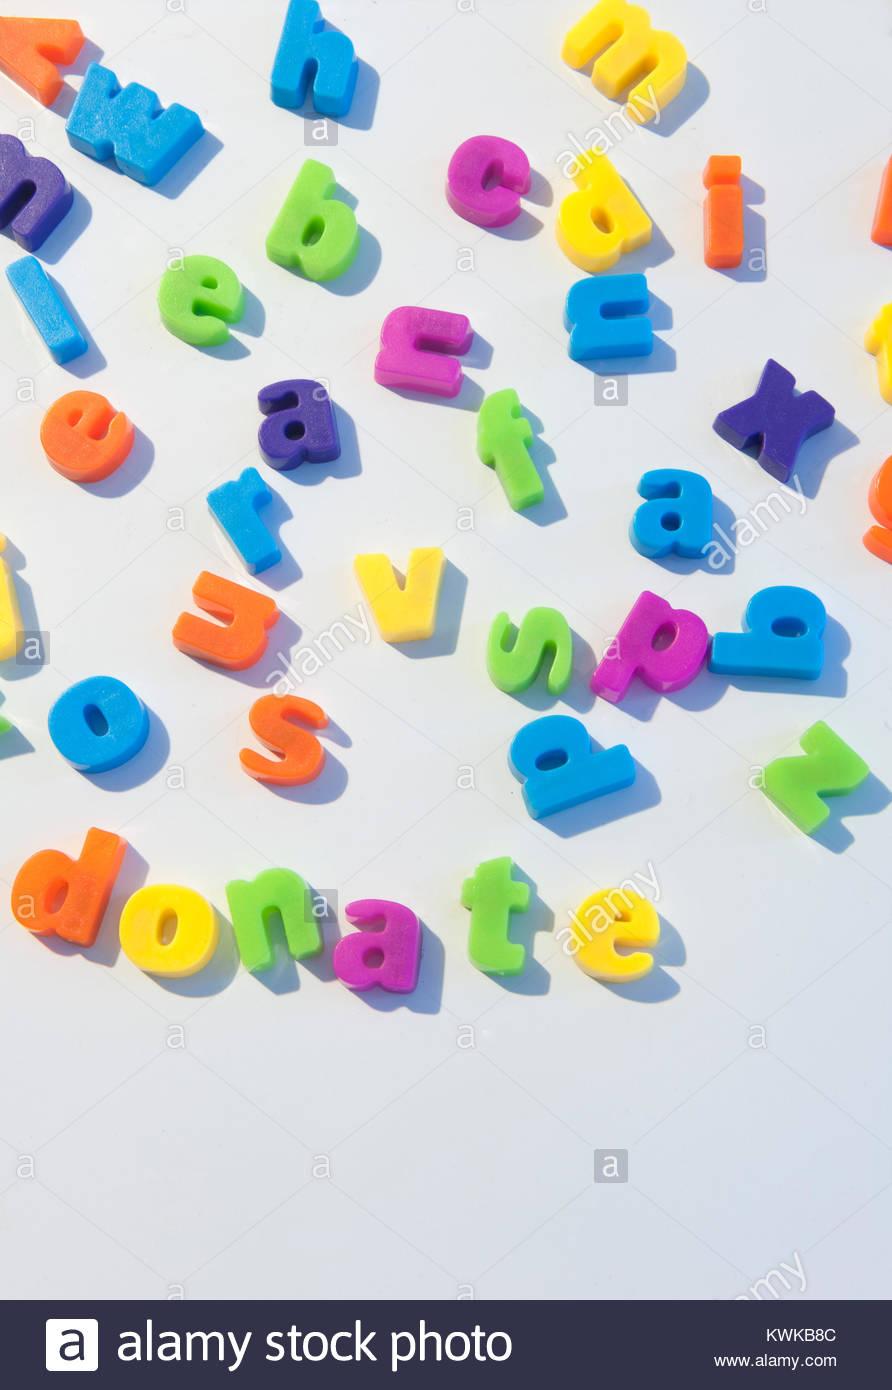 fridge magnet letters spell donate stock image